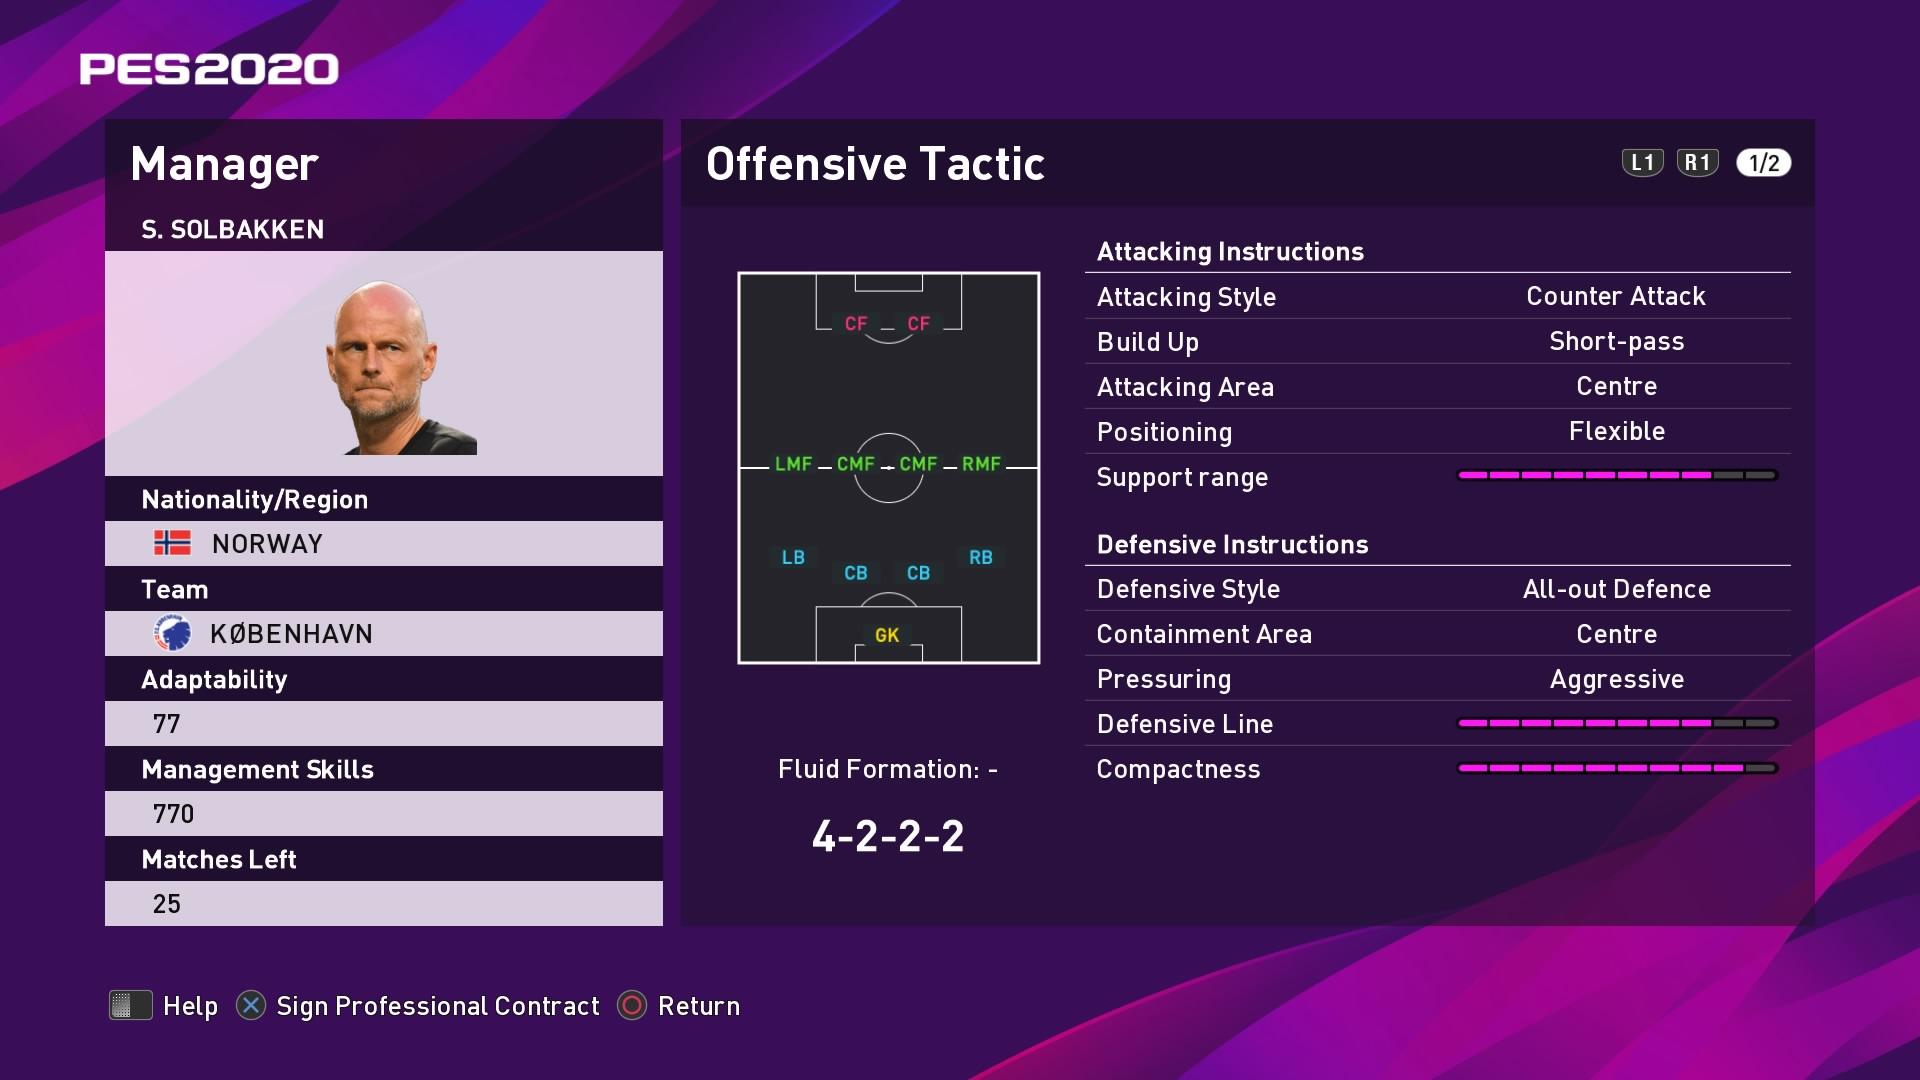 S. Solbakken (Ståle Solbakken) Offensive Tactic in PES 2020 myClub